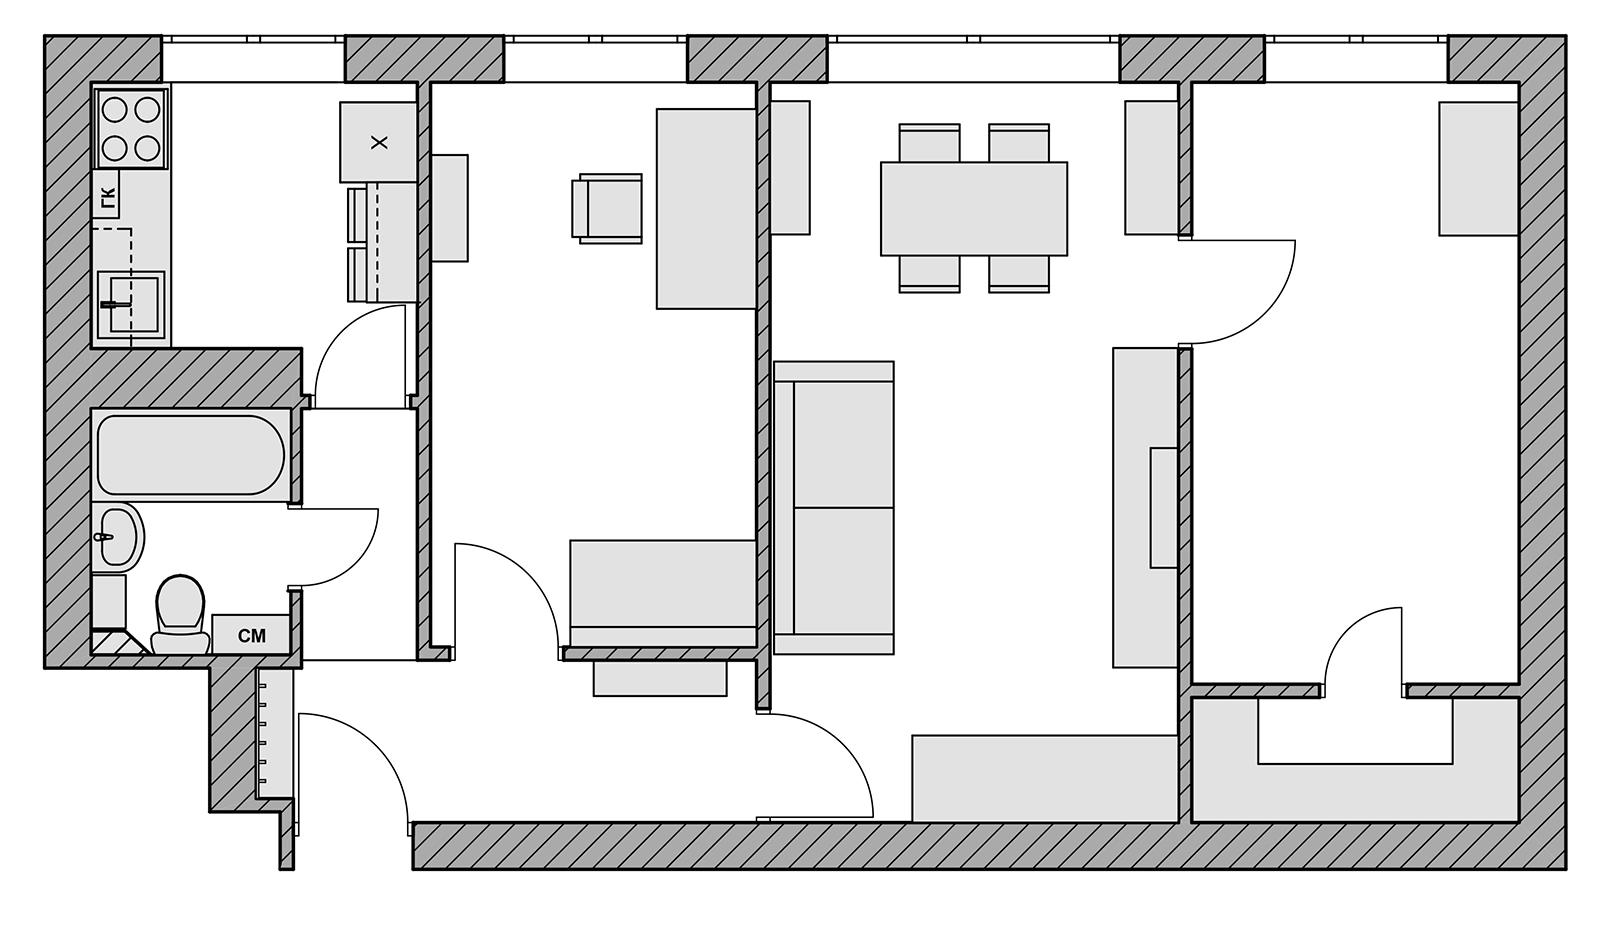 Перепланировка квартир, помещений, домов в Минске